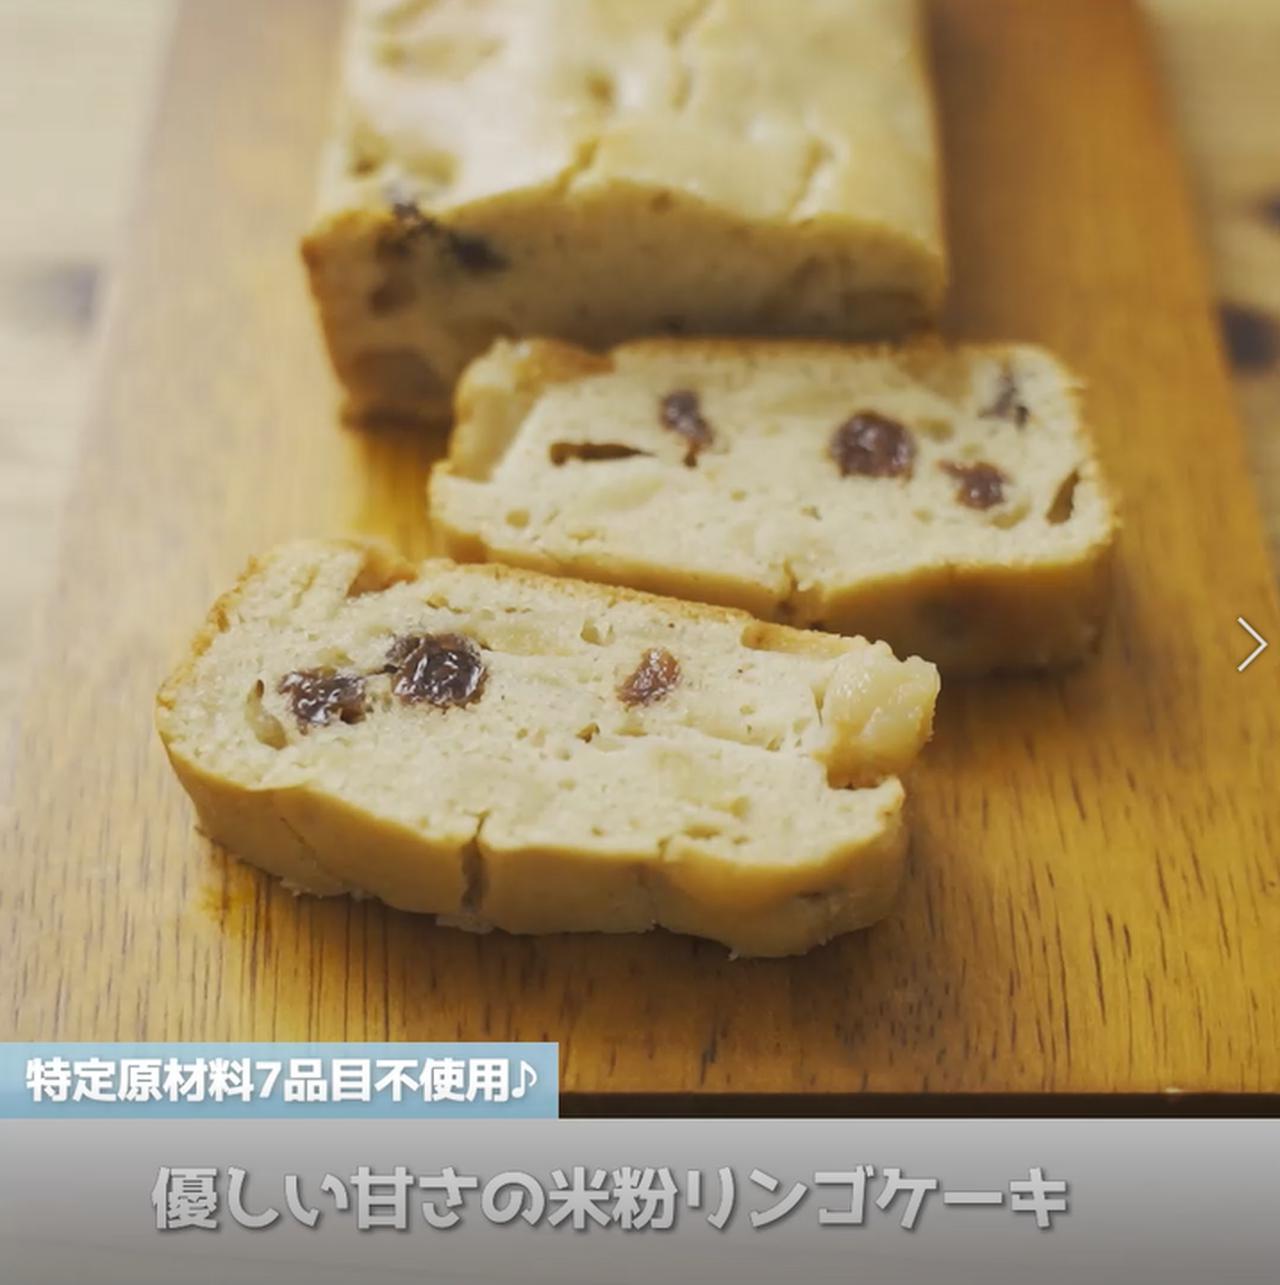 画像: 優しい甘さの米粉リンゴケーキ - 君とごはん